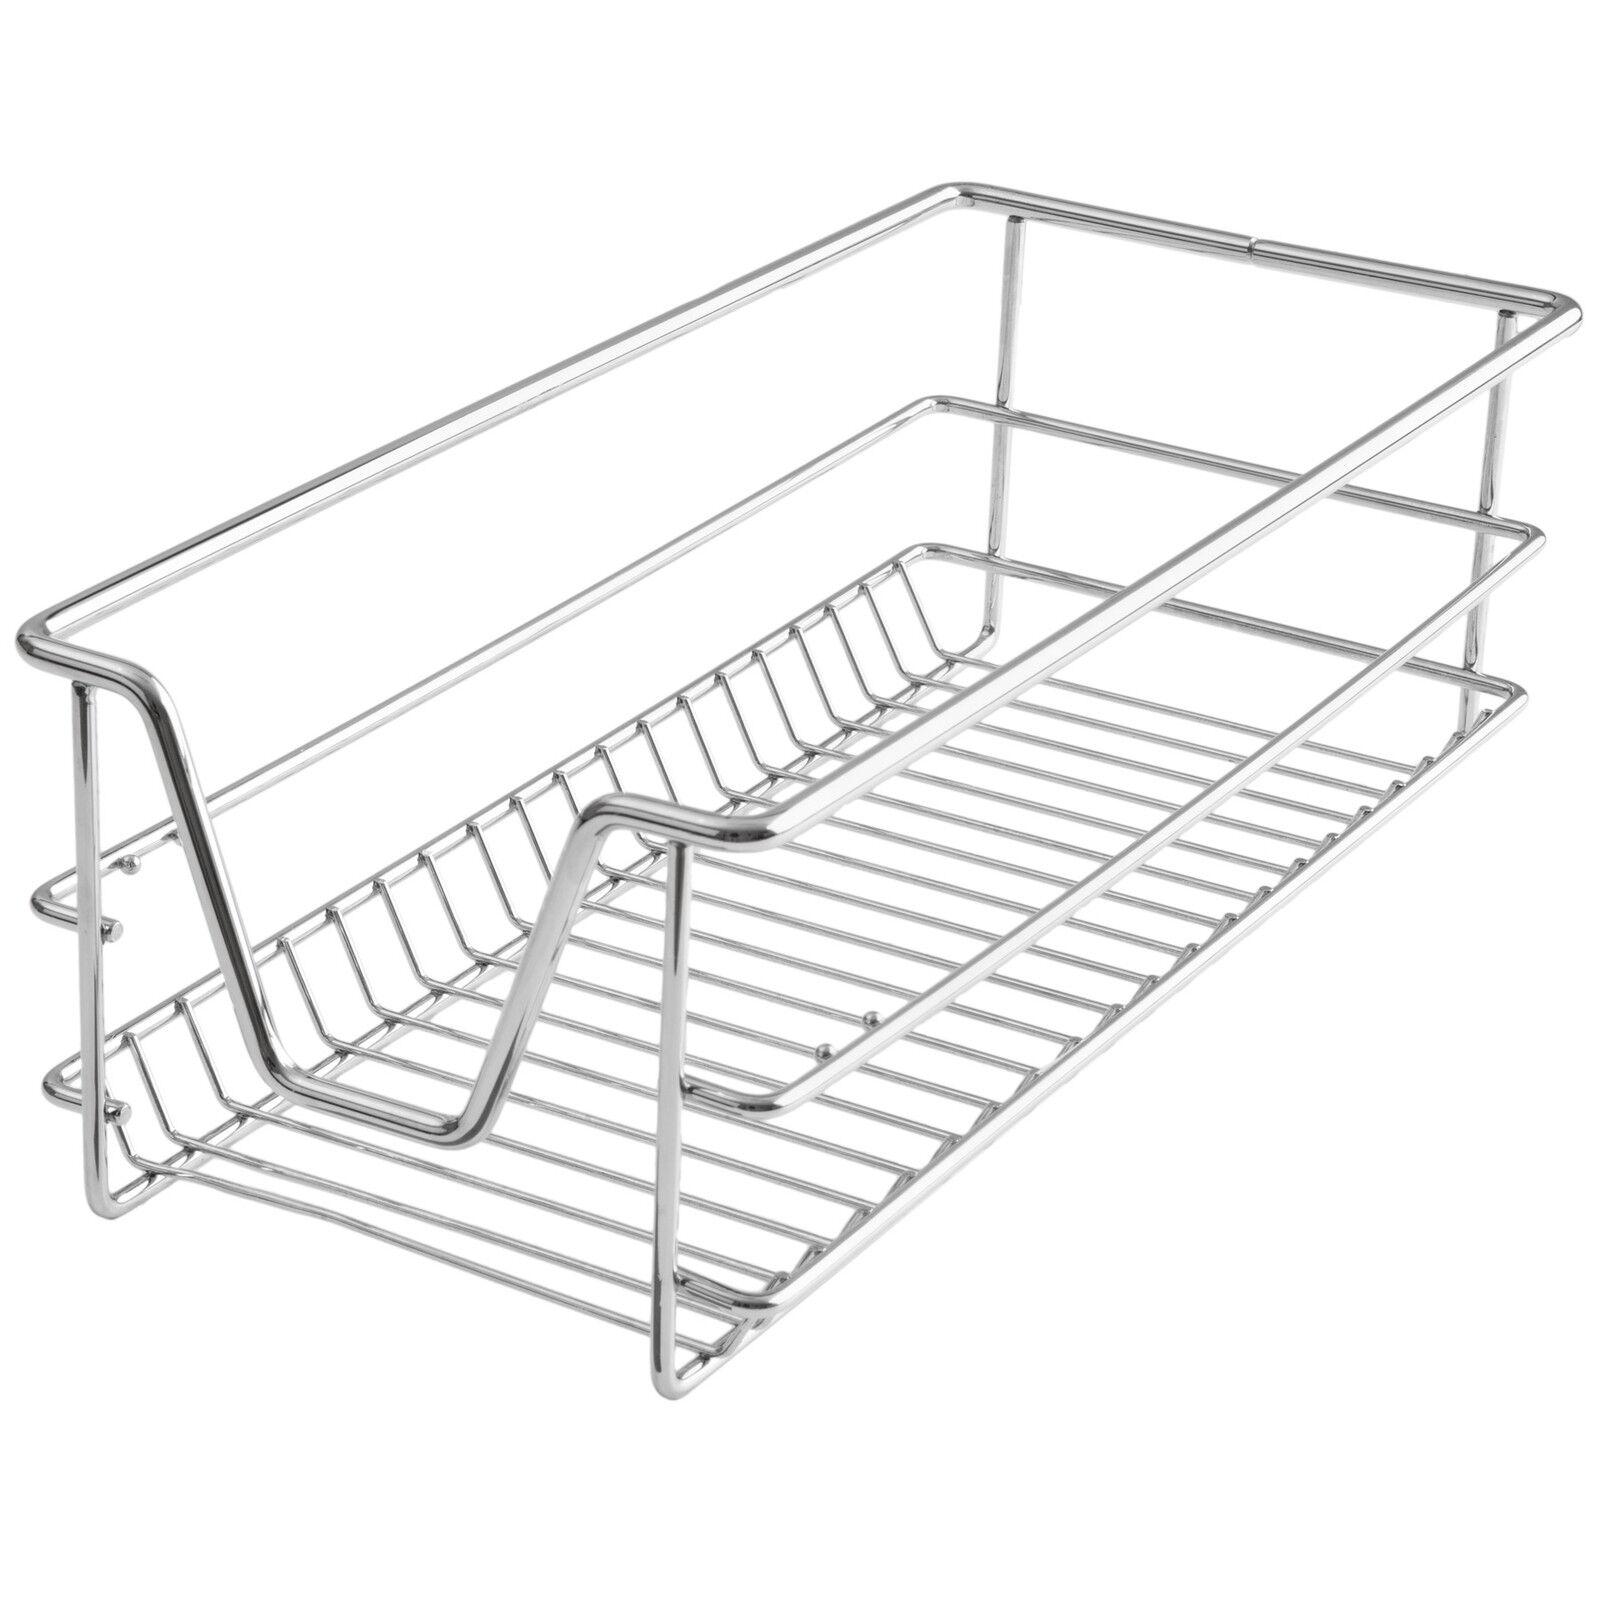 panier de rangement coulissant cuisine meuble pour placard tag re tiroir 30 cm eur 27 90. Black Bedroom Furniture Sets. Home Design Ideas